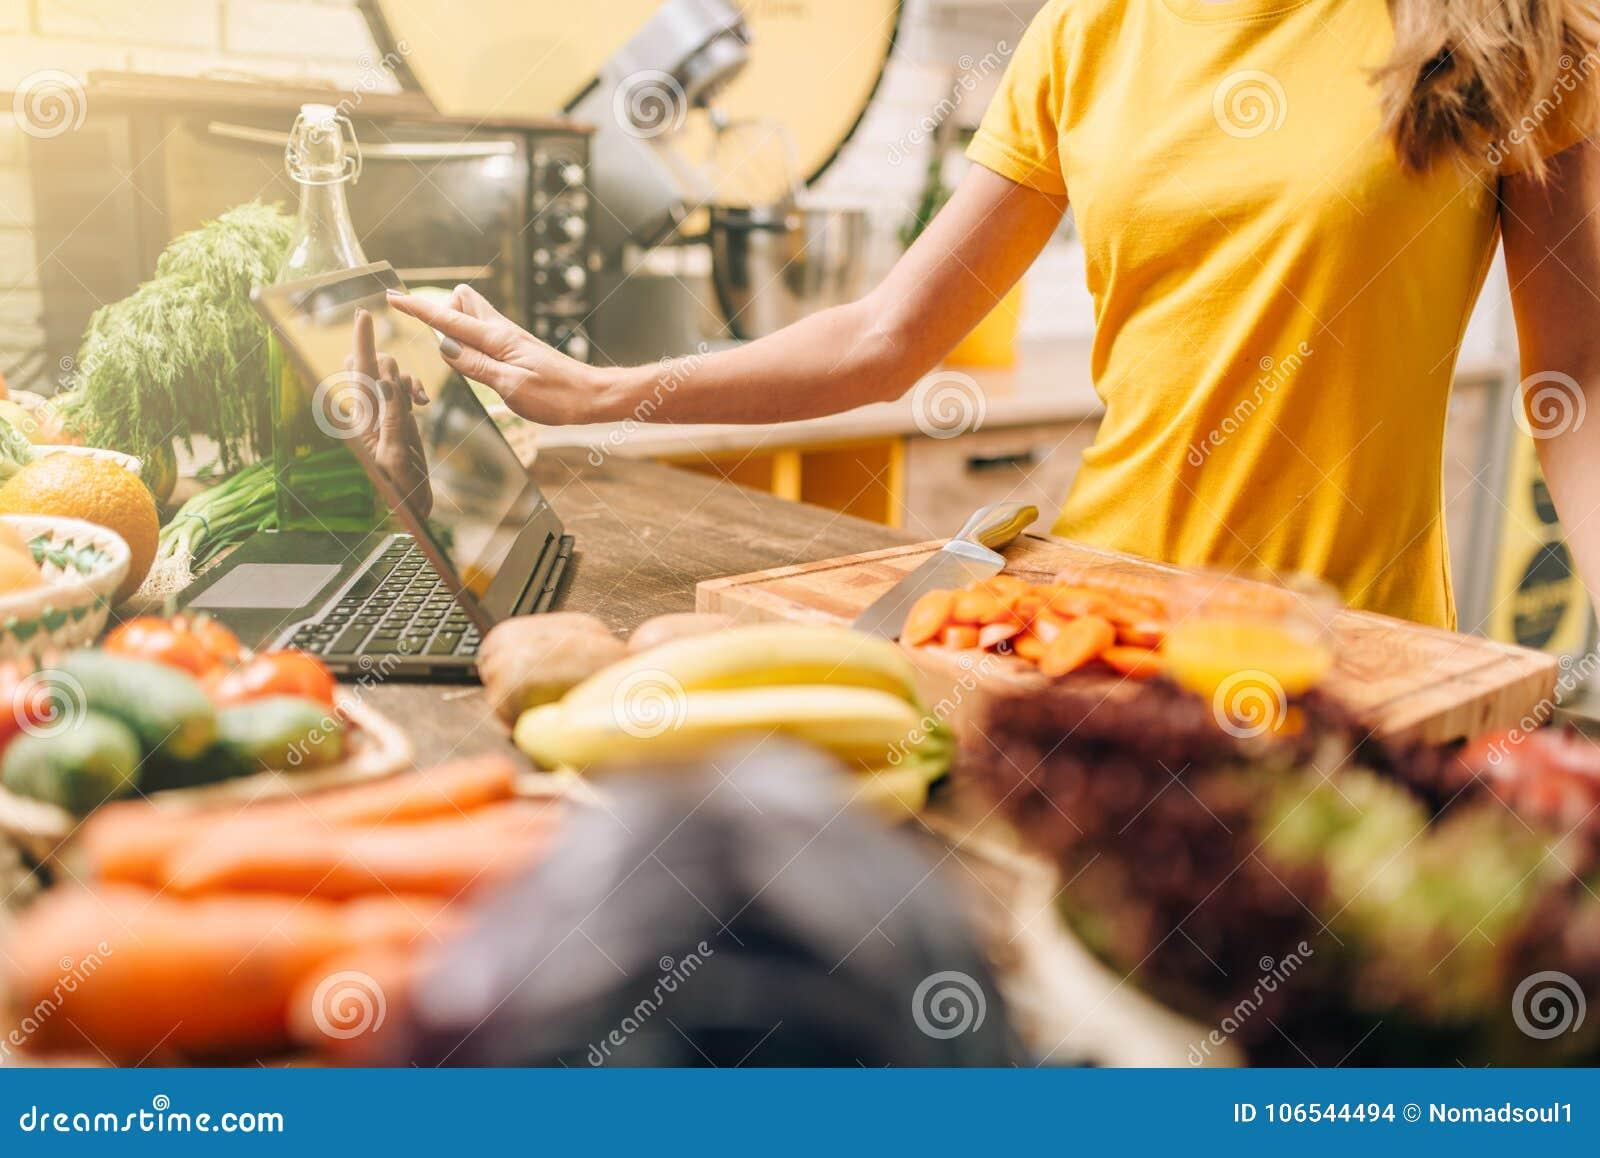 Persona femenina que cocina en la cocina, comida sana